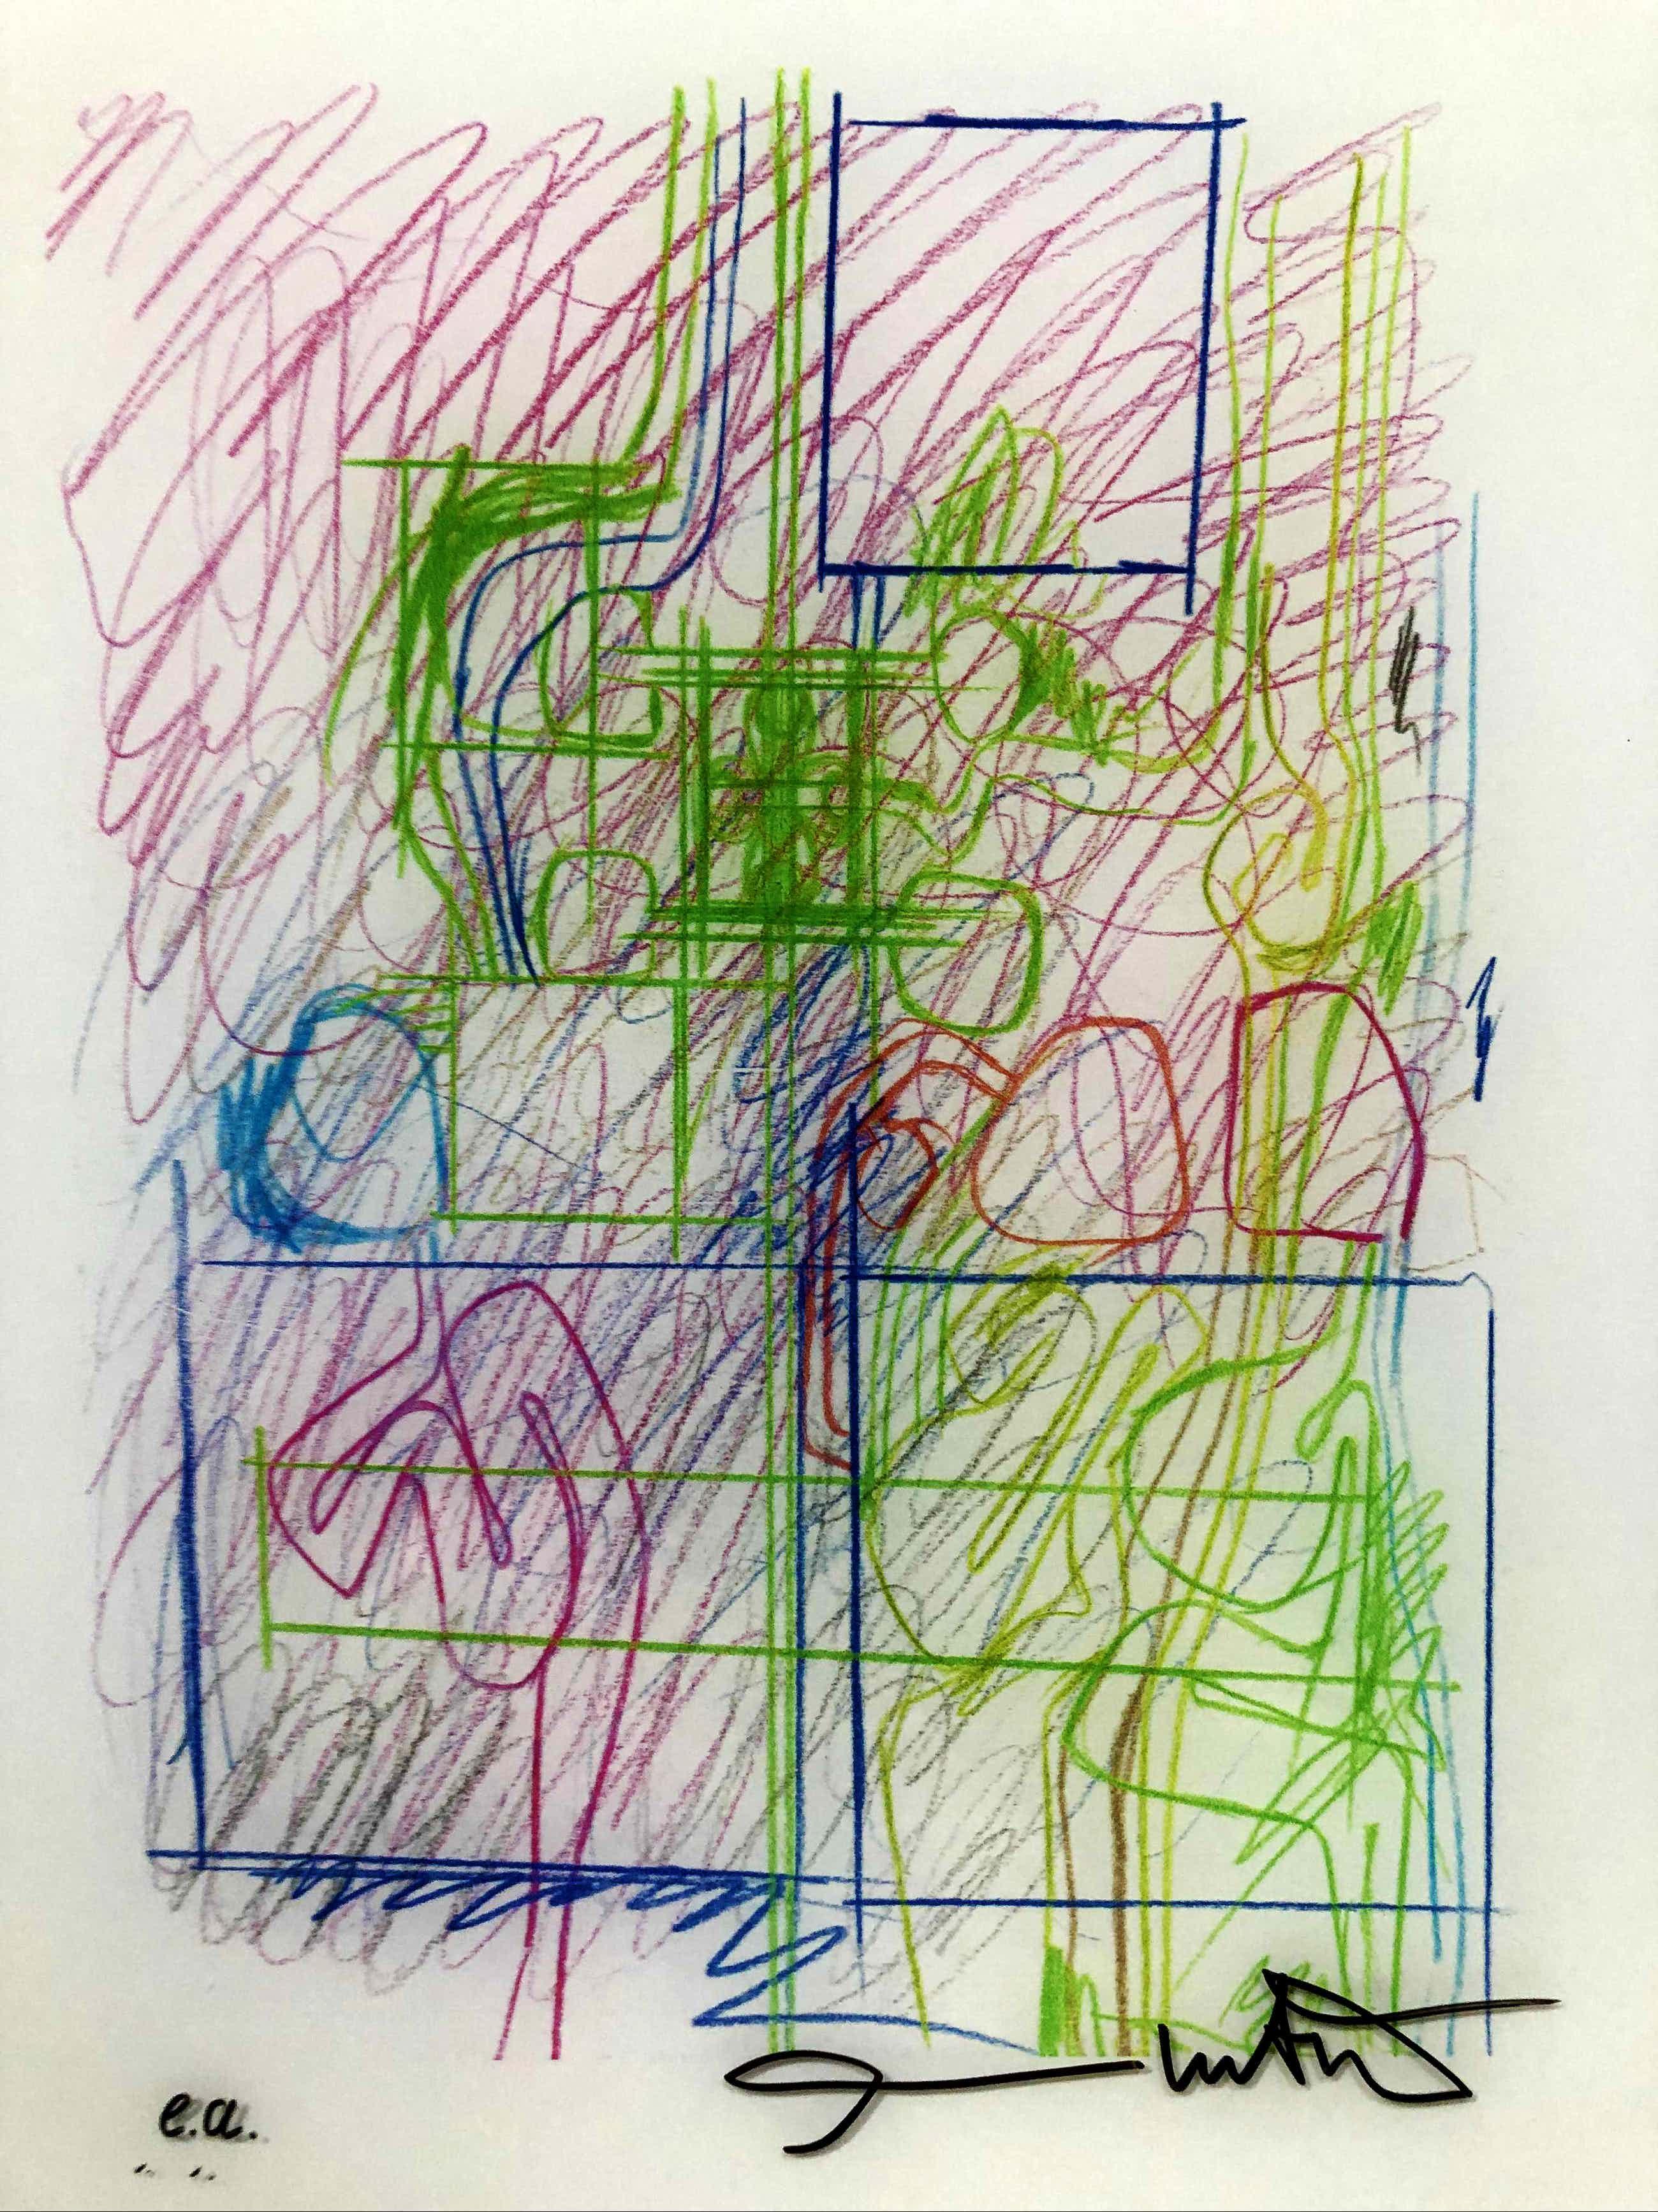 Hermann Nitsch - handsignierte Originalgraphik auf Plexiglas kopen? Bied vanaf 300!